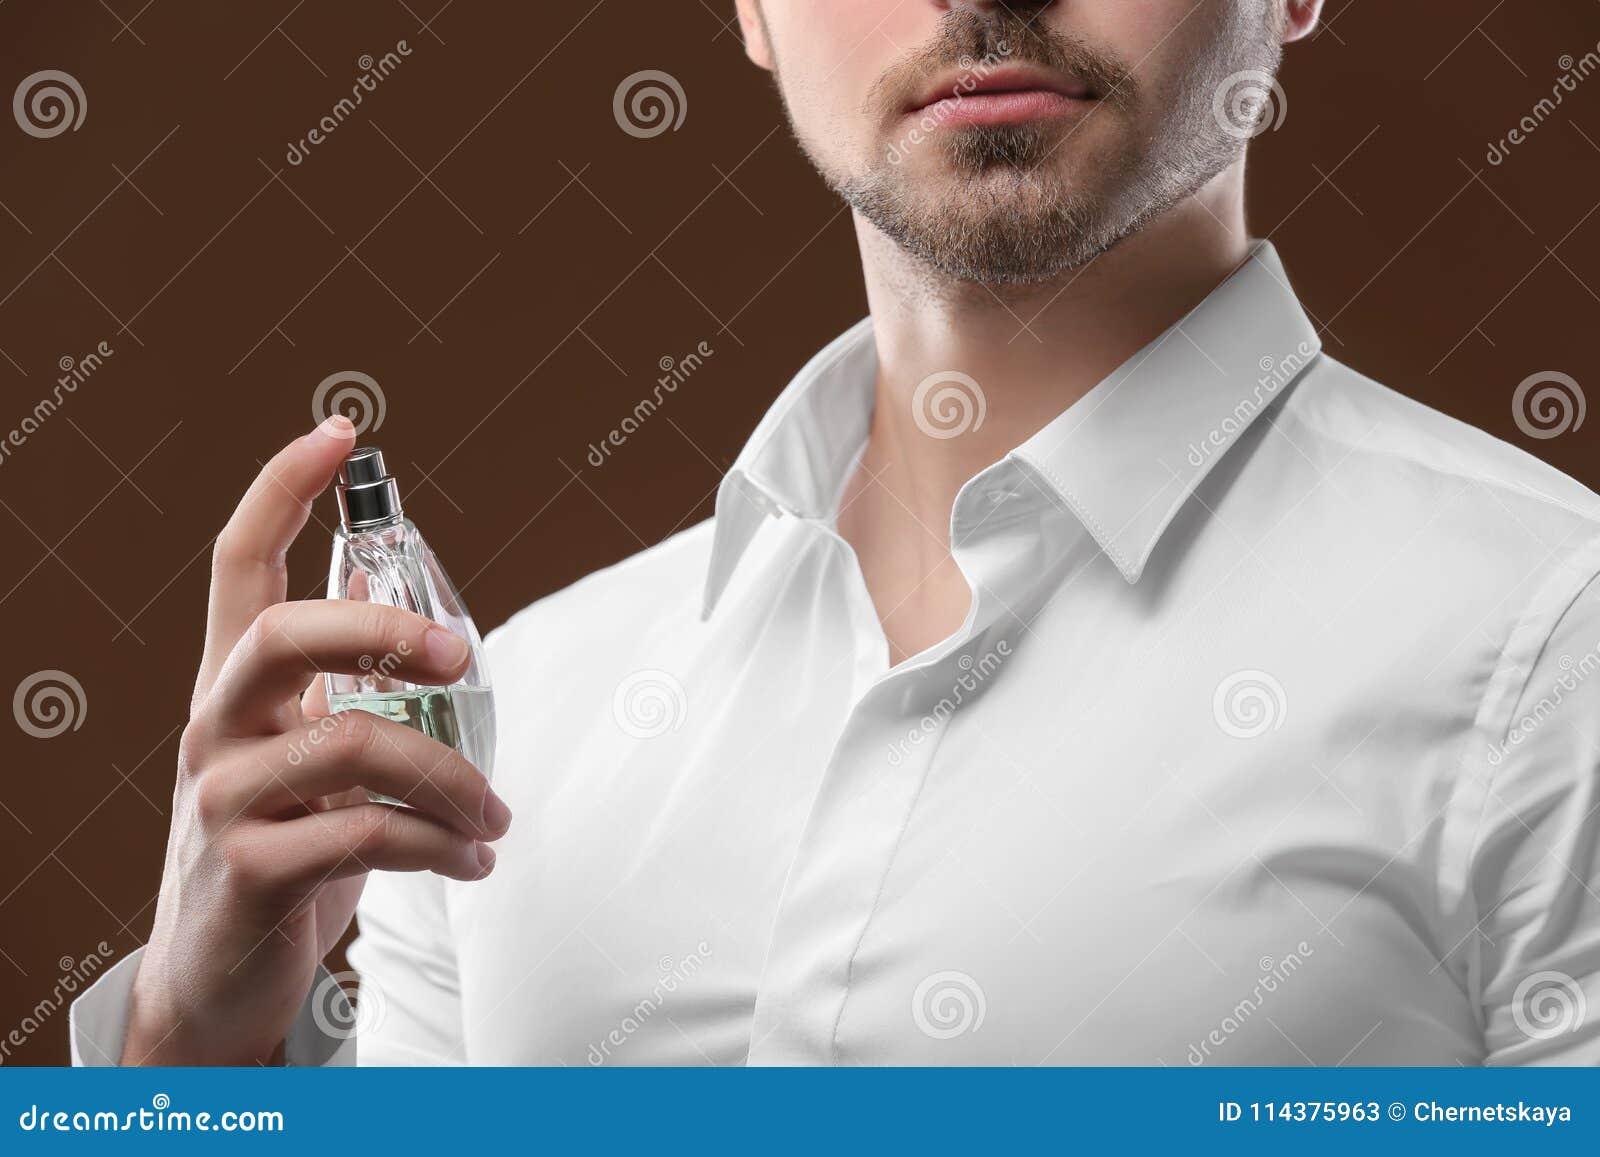 衬衣的英俊的人使用香水